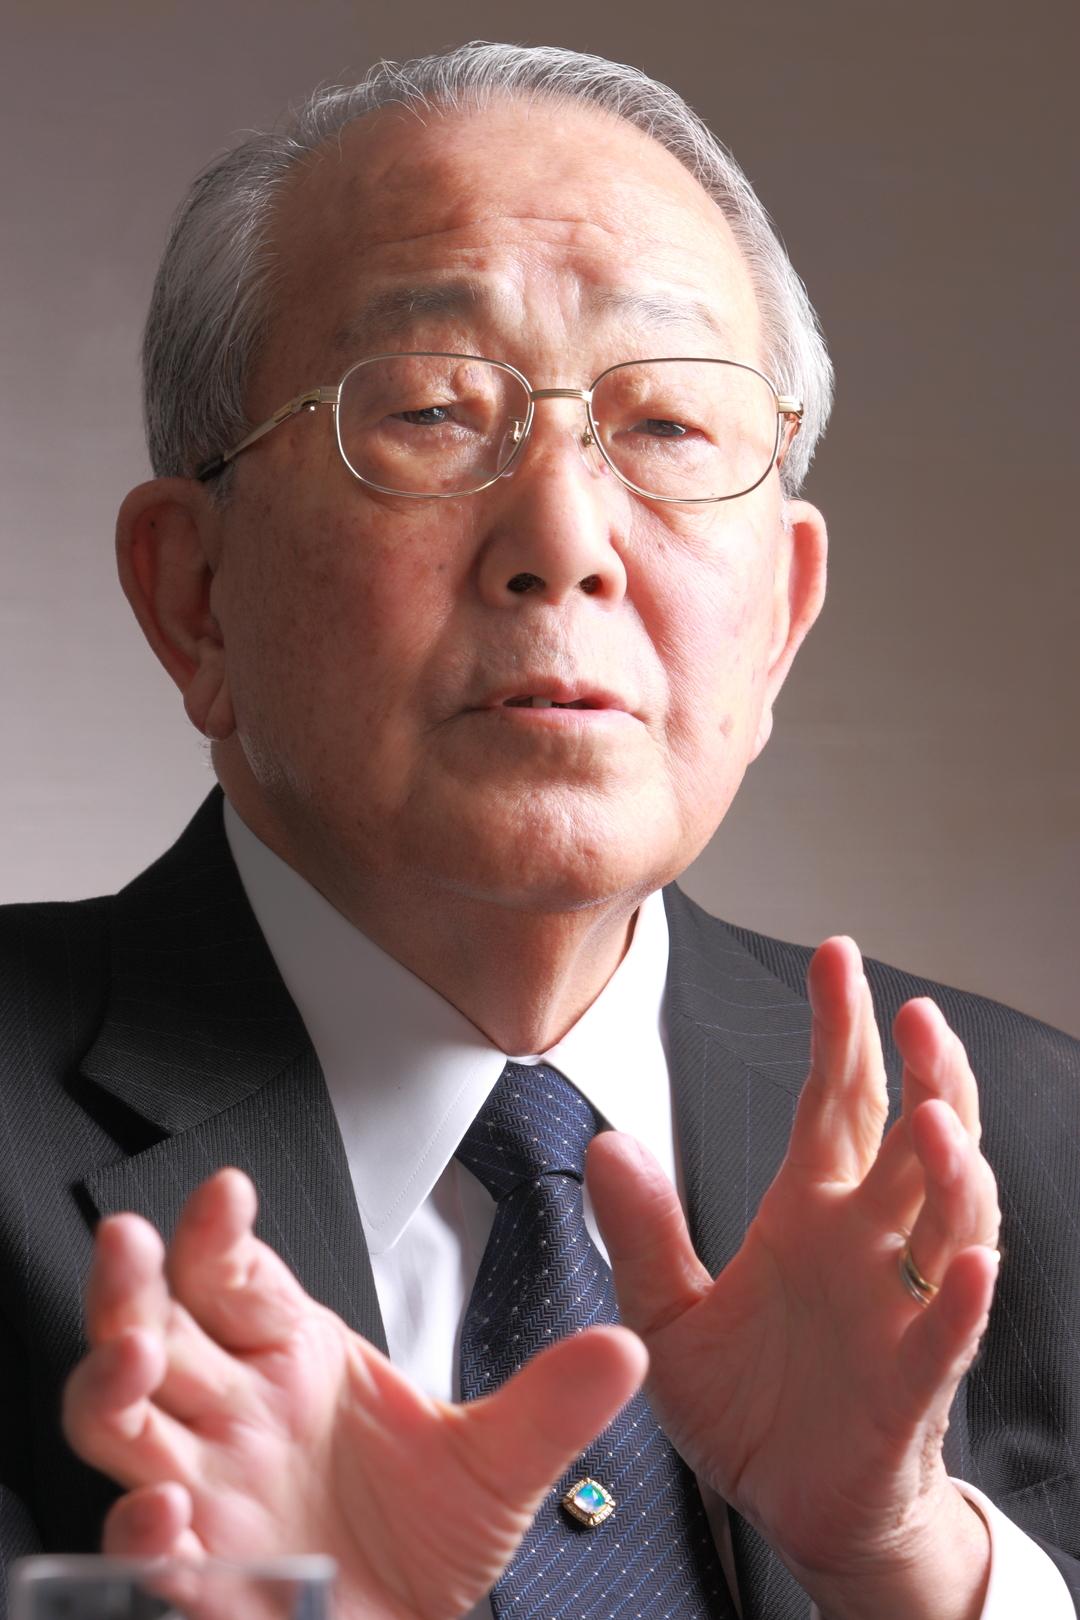 企業再生になぜ「社員の幸せ」が必要なのか<br />――稲盛和夫名誉会長